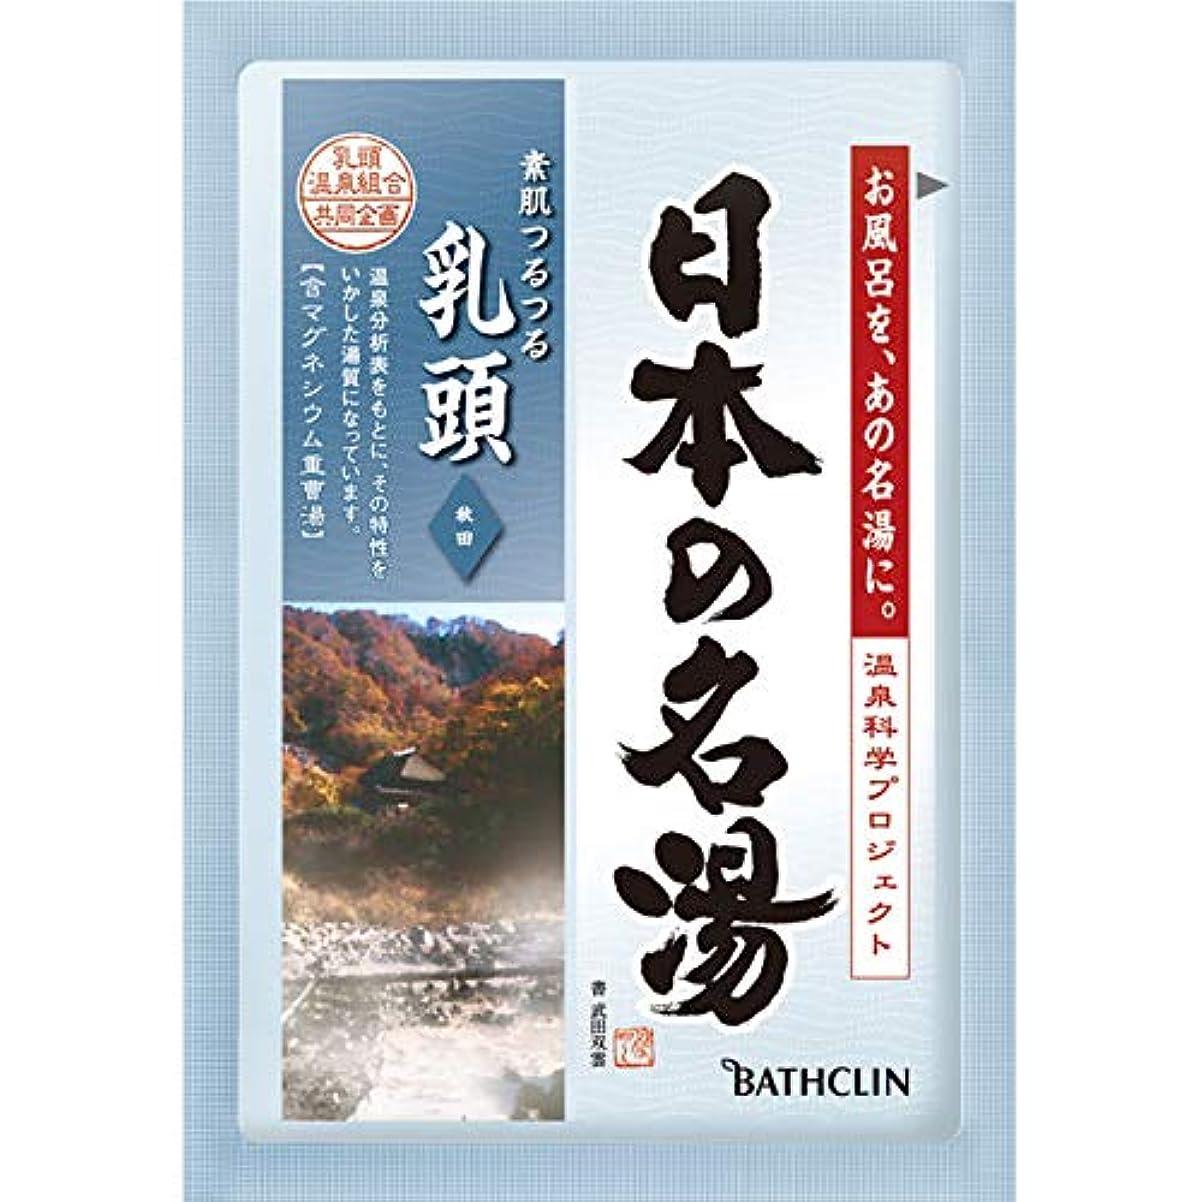 バスクリン 日本の名湯 乳頭 30g (医薬部外品)